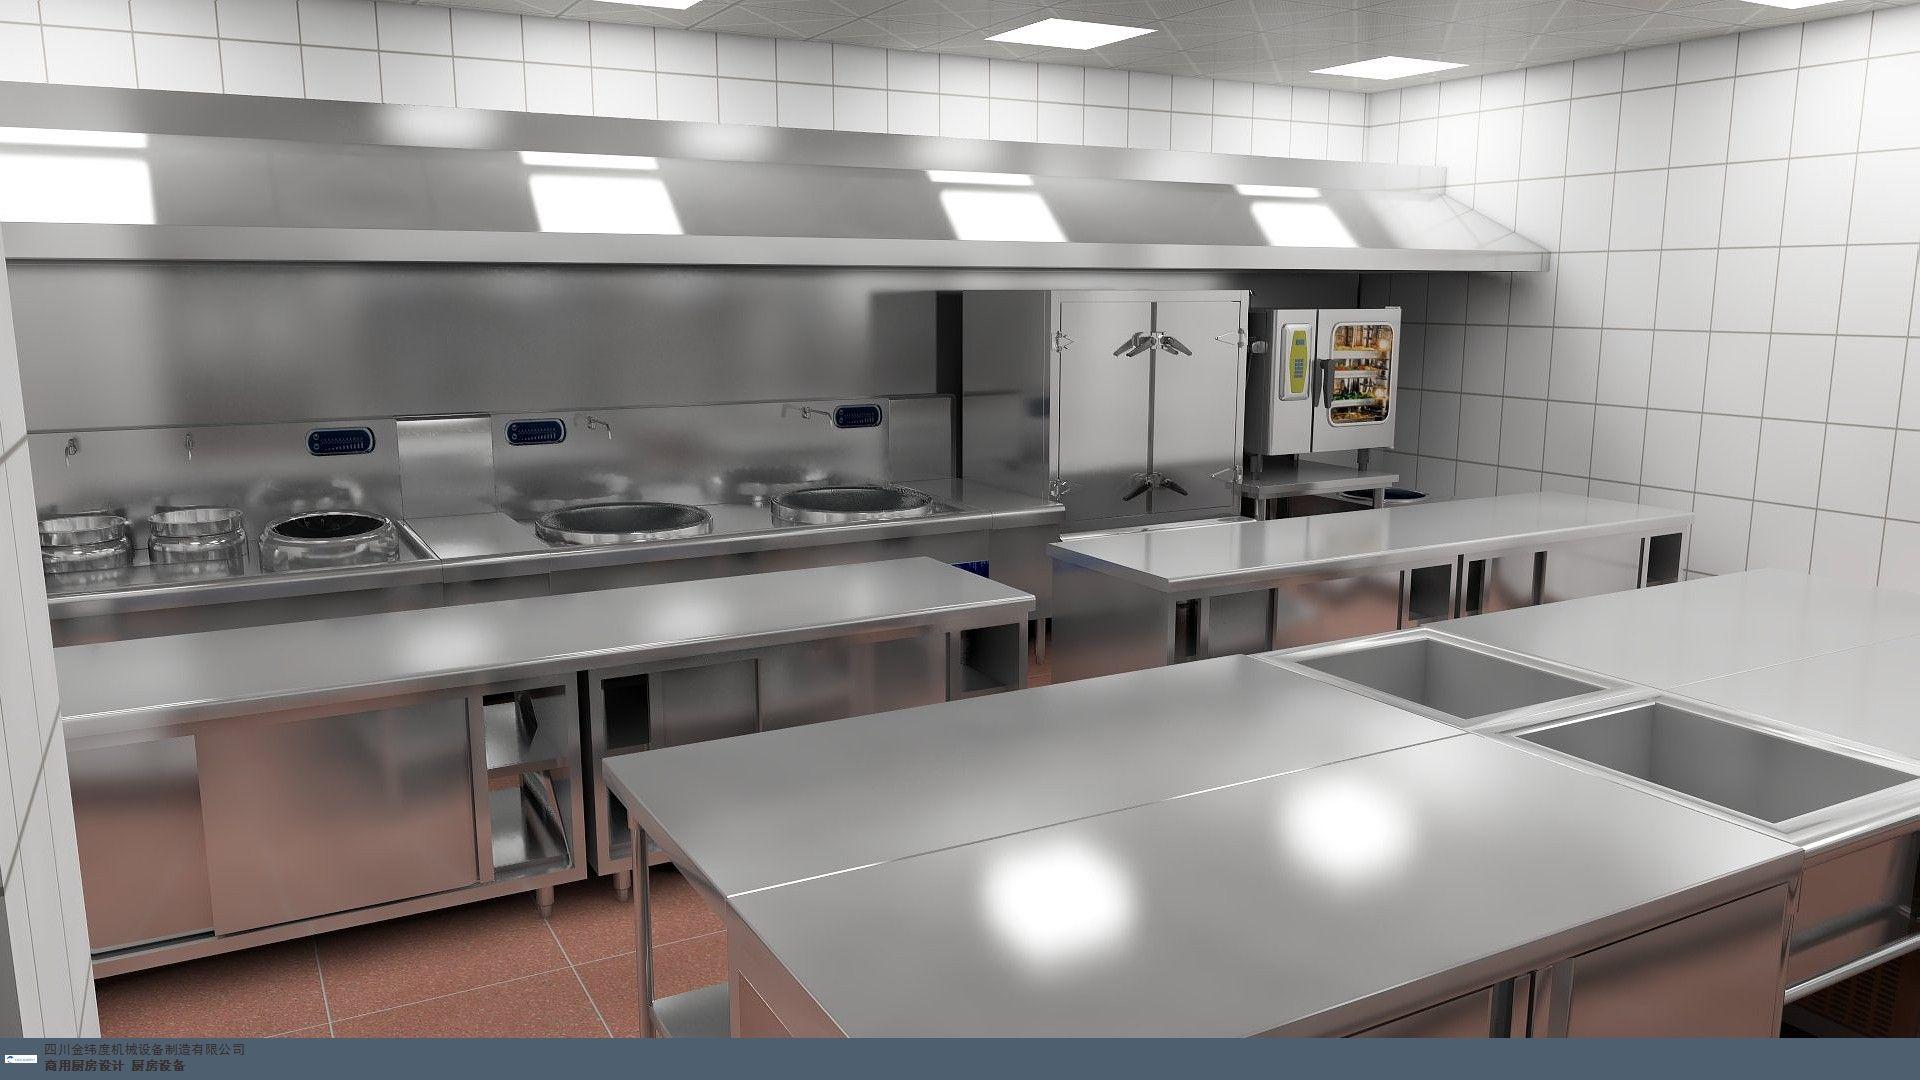 商用厨房设备常见错误操作分析